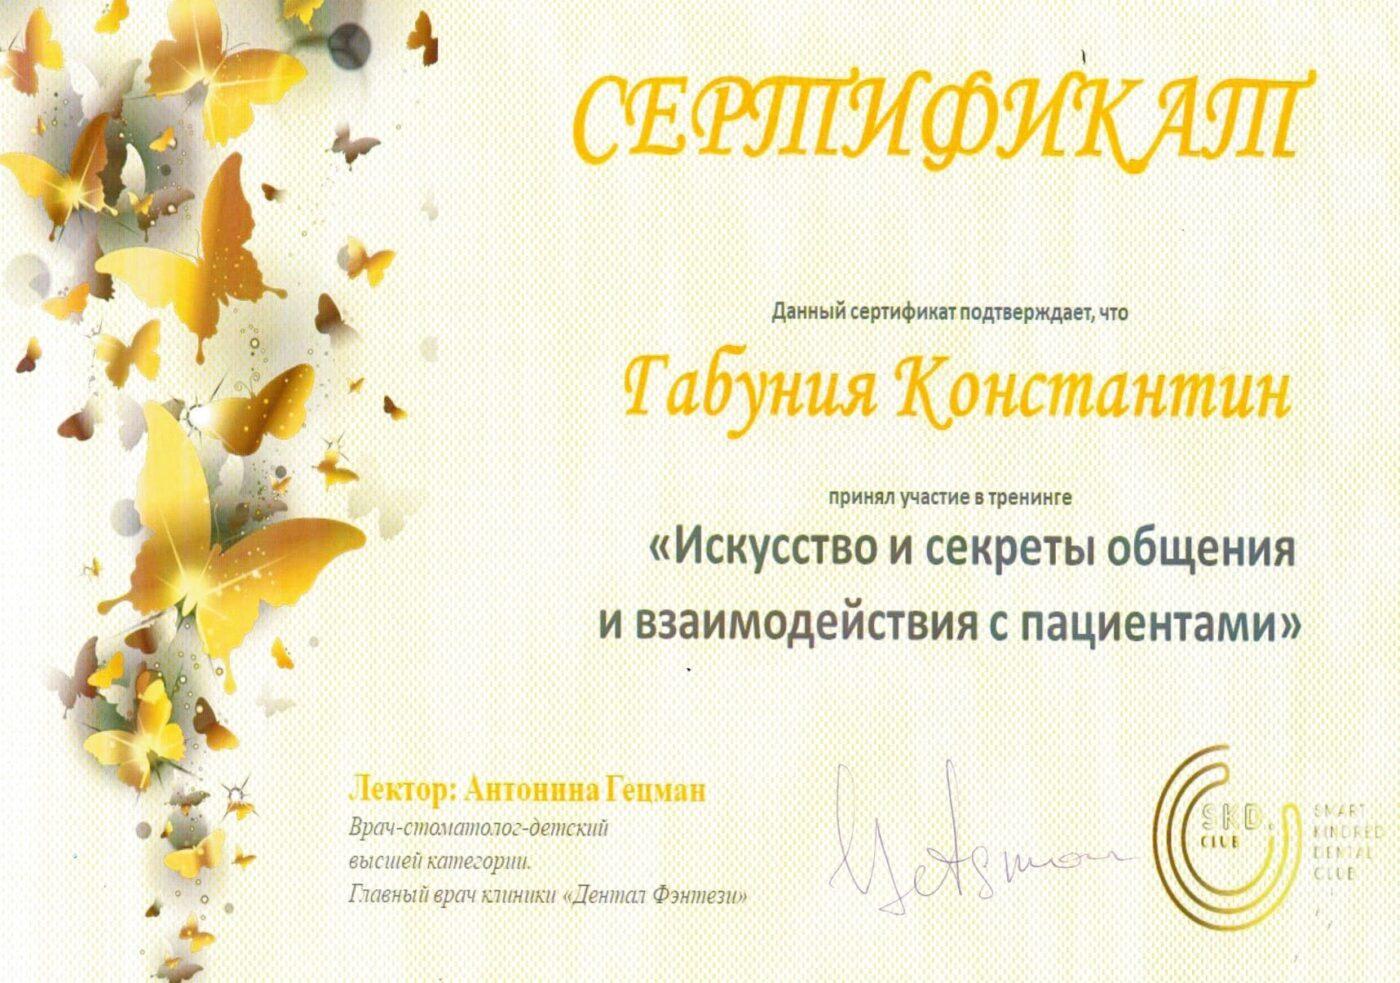 Сертификат подтверждающий участие Константина Габунии в курсе - Искусство и секреты общения и взаимодействия с пациентами